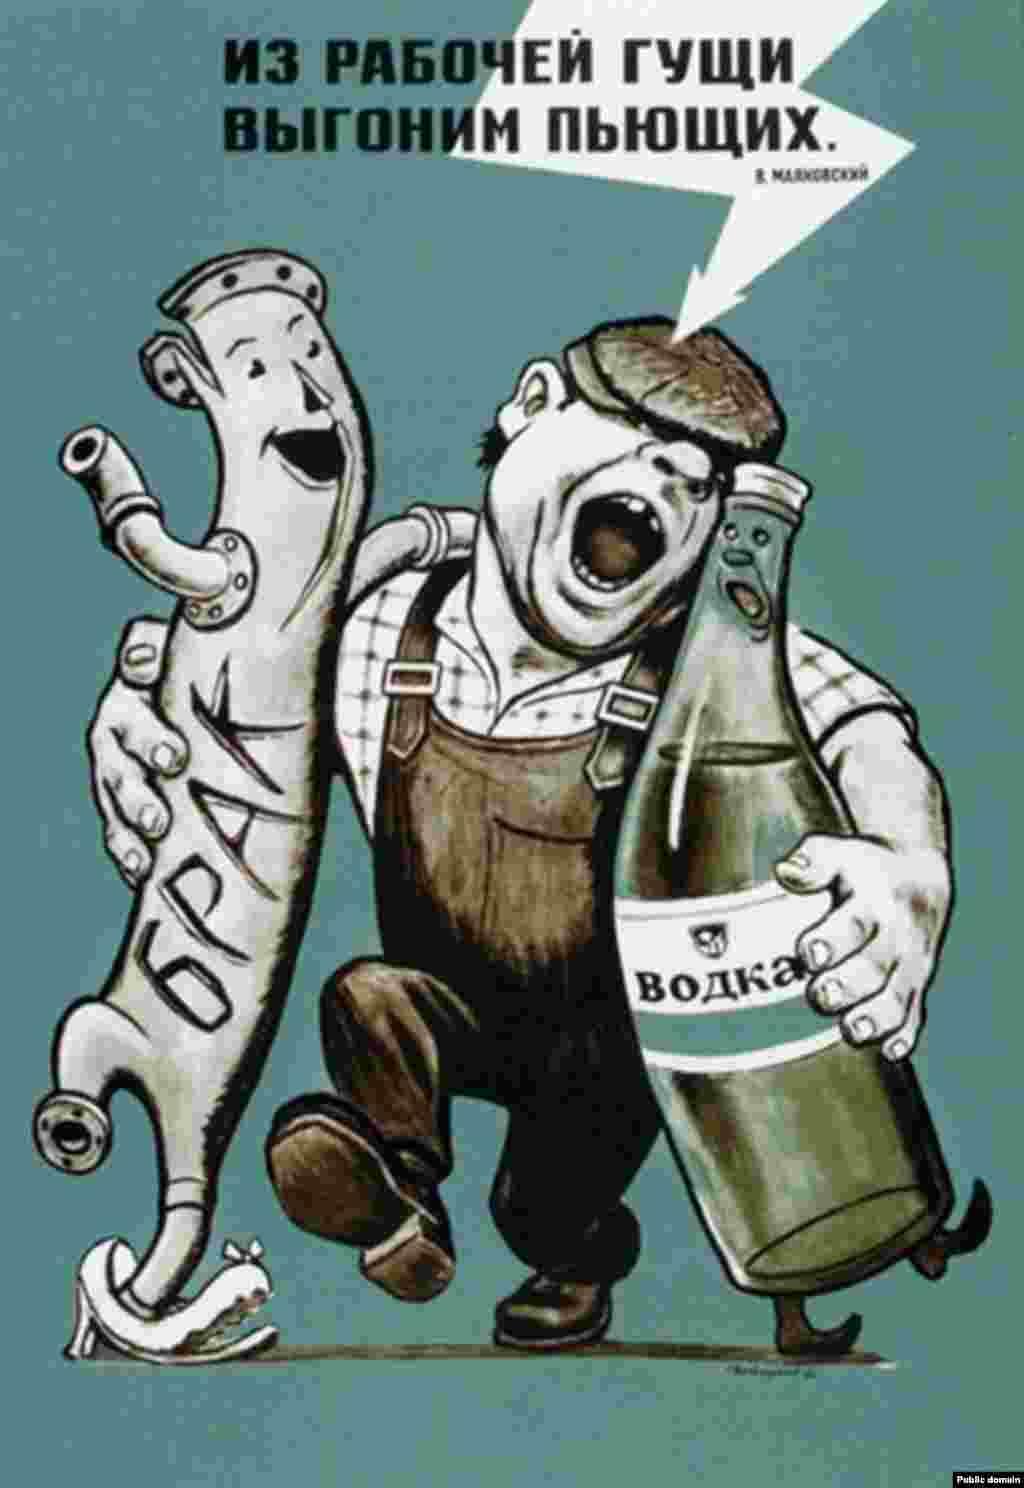 """""""Ще изгоним пияниците от работа"""". Този надпис е отпратка към стихотворение на Маяковски. Плакатът е от 1966 г. На тръбата пише """"брак"""", а на бутилката - """"водка""""."""